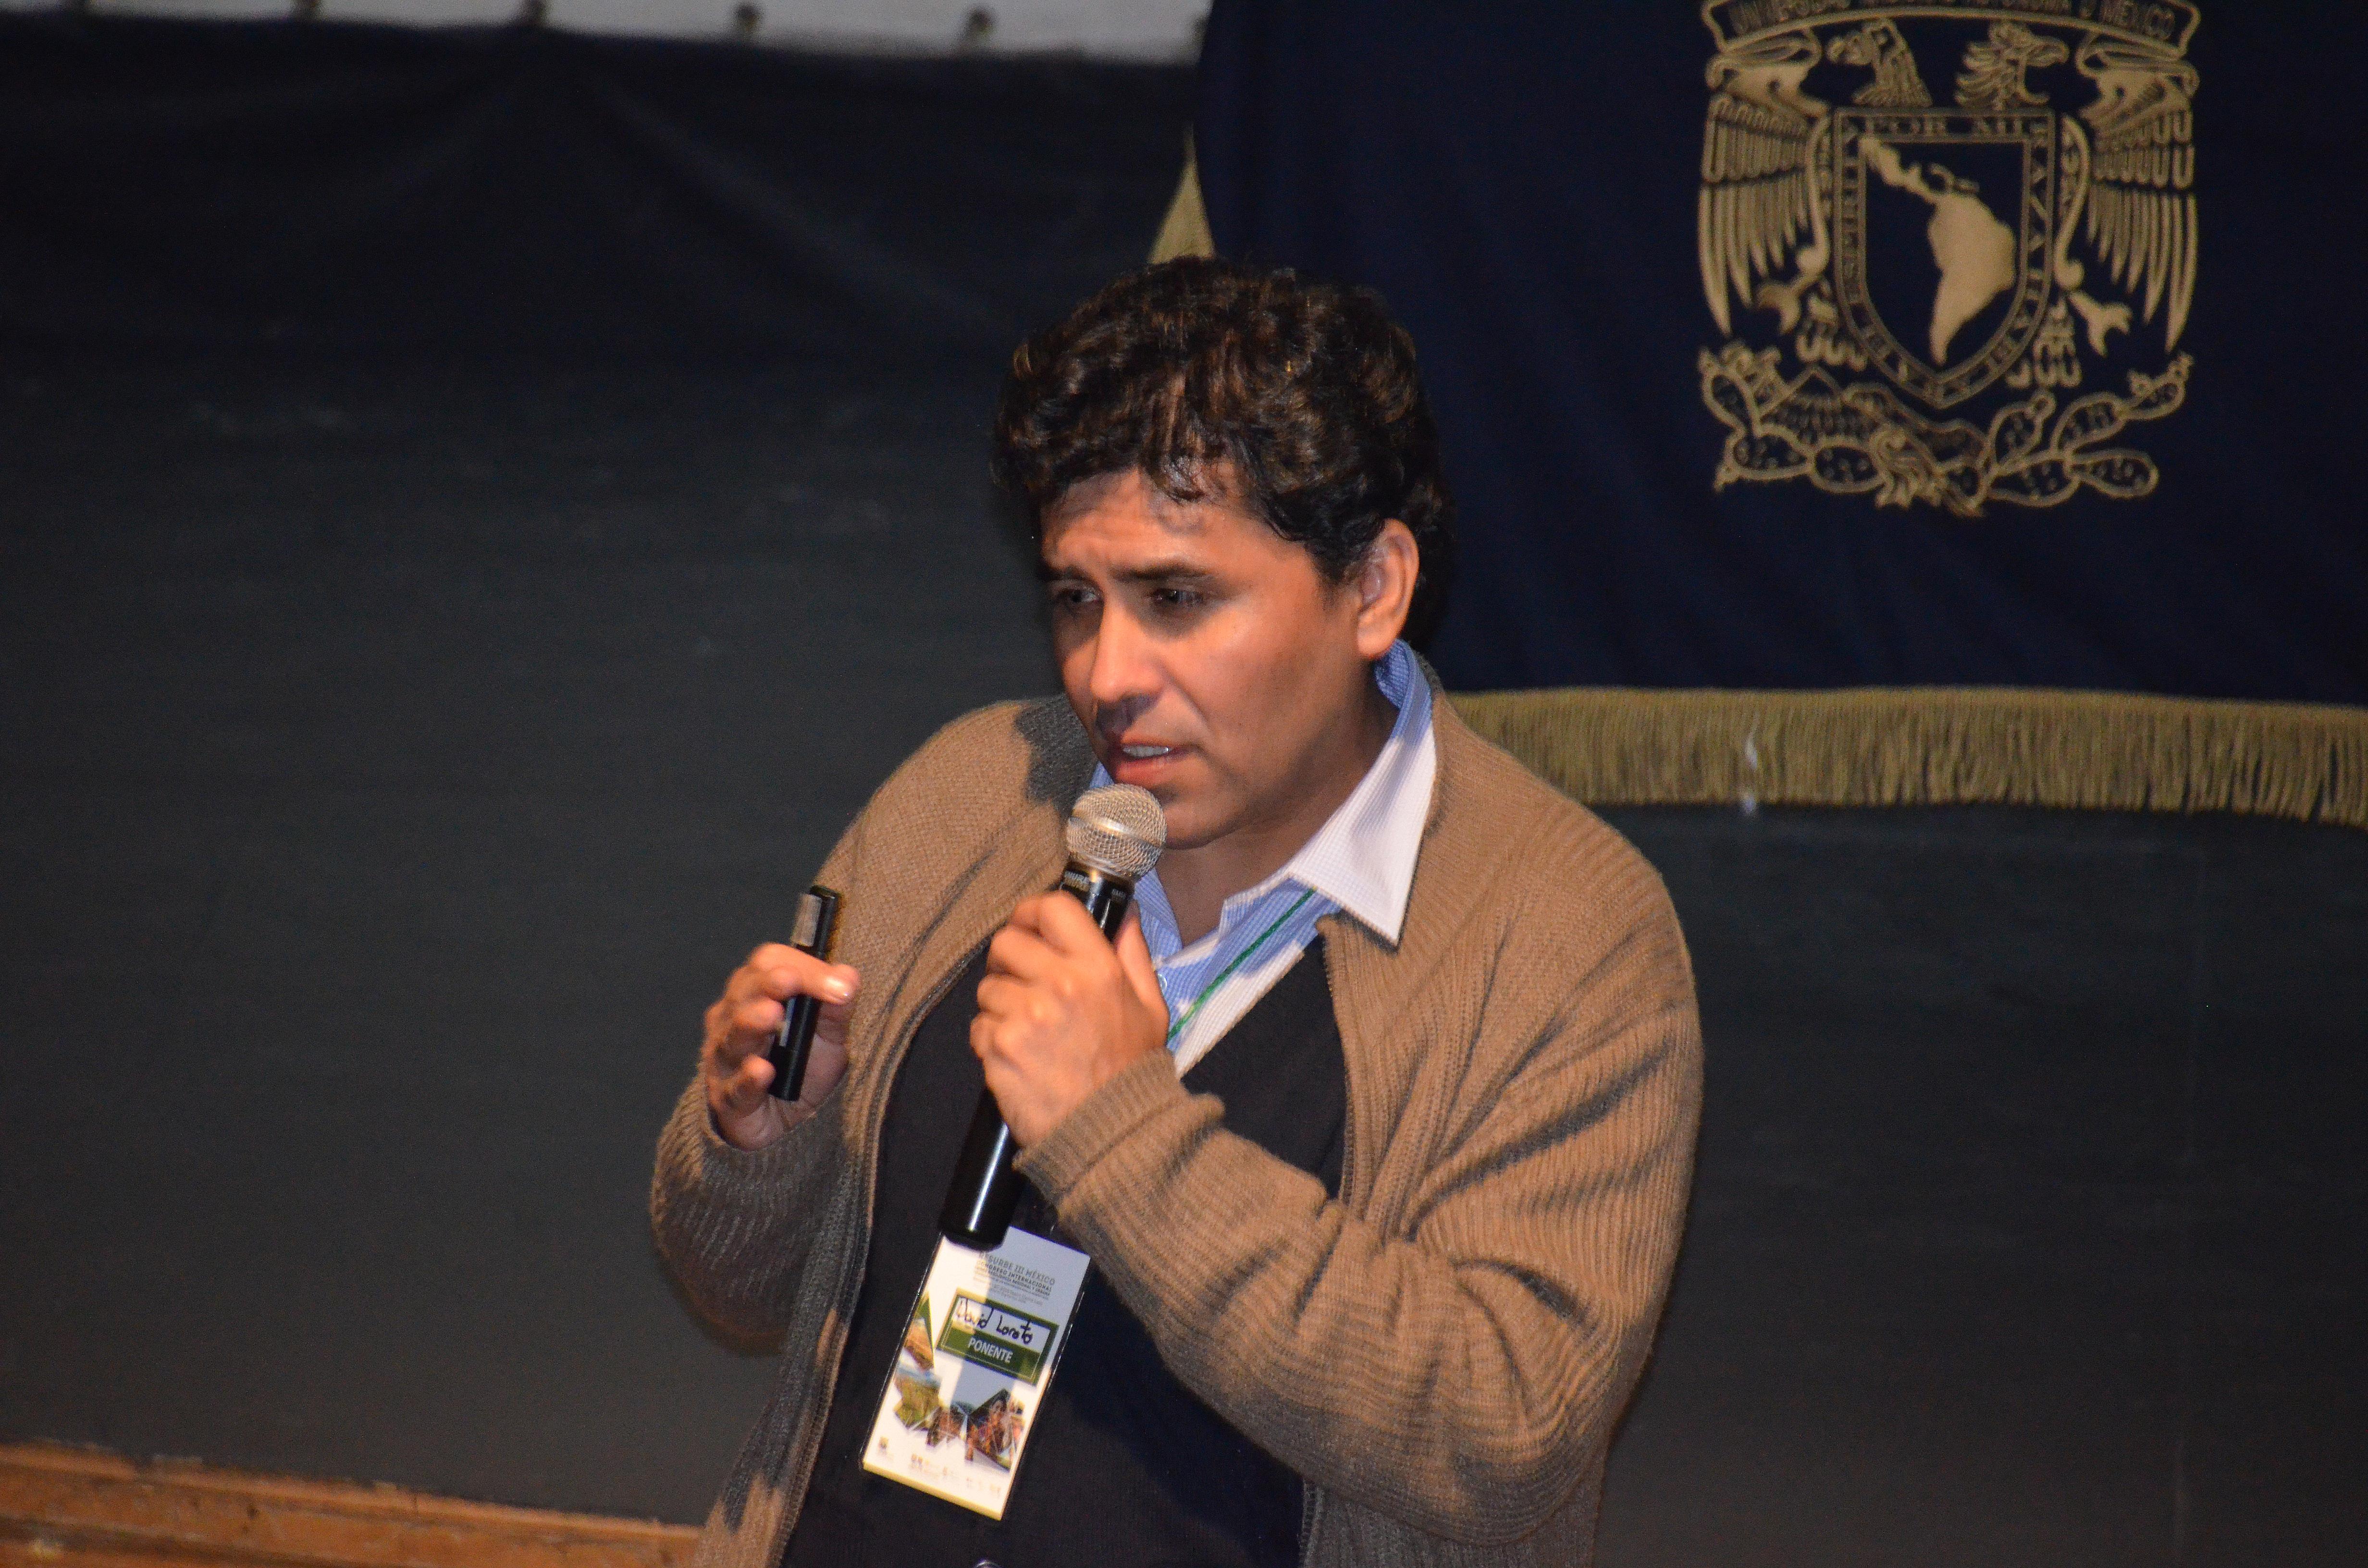 Foto- Hugo Castillo Huerta (34)